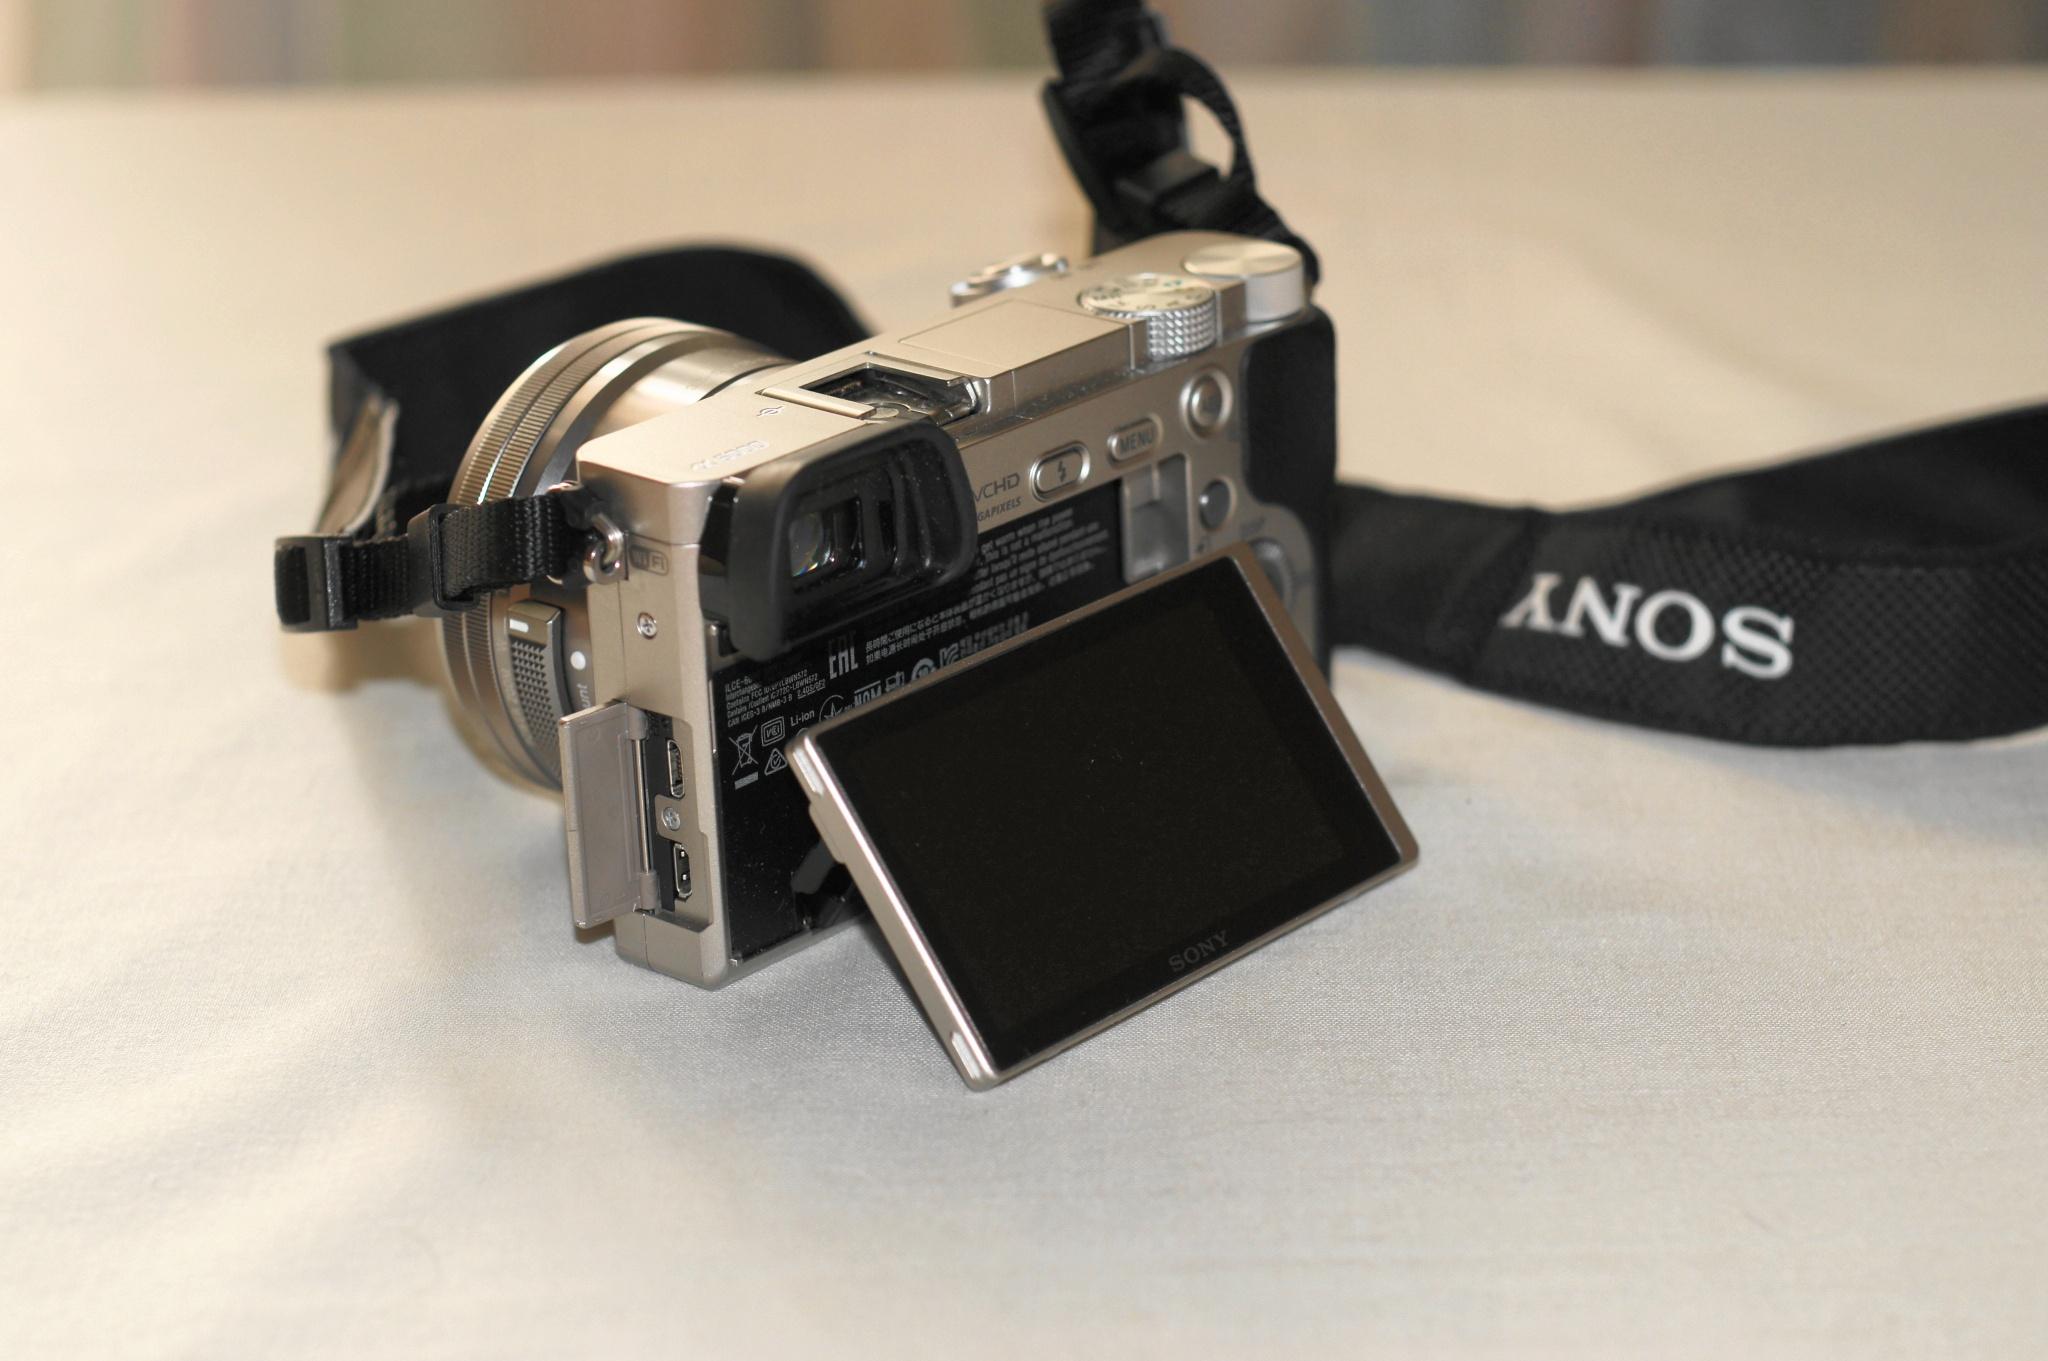 обзор цифровых фотокамер порей слегка пассеруйте